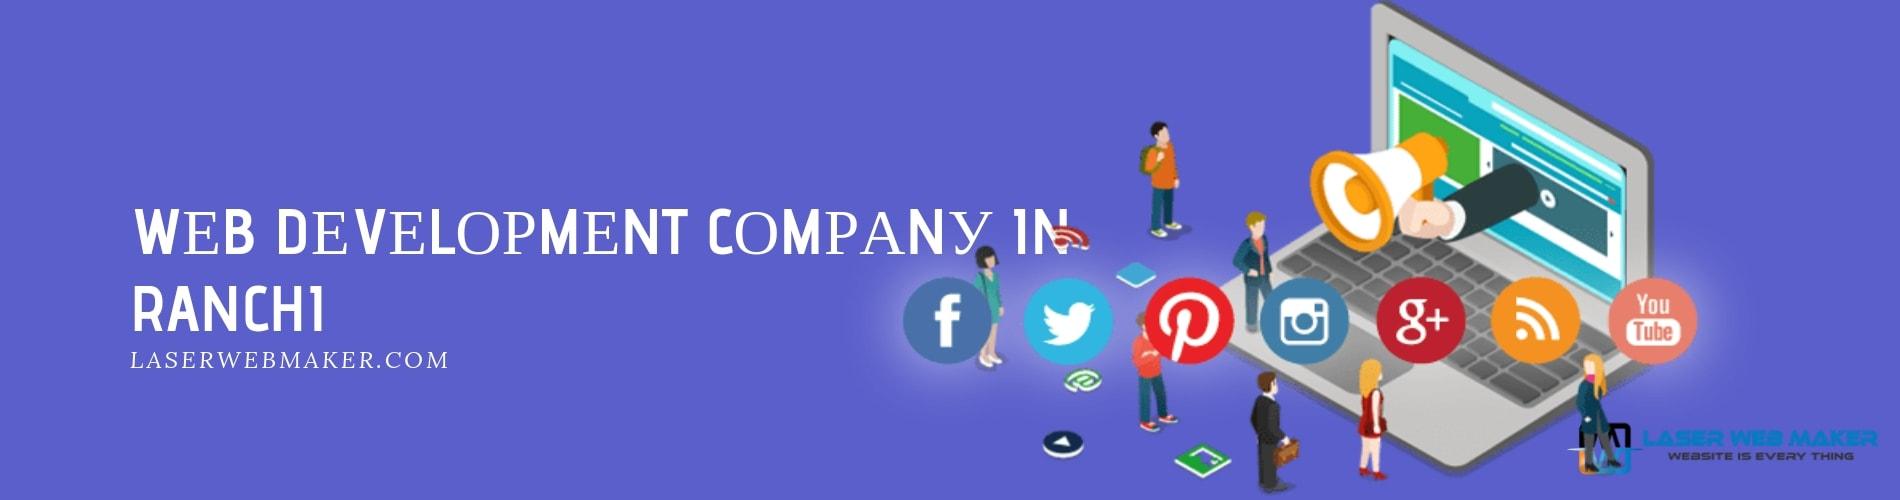 web development company in ranchi